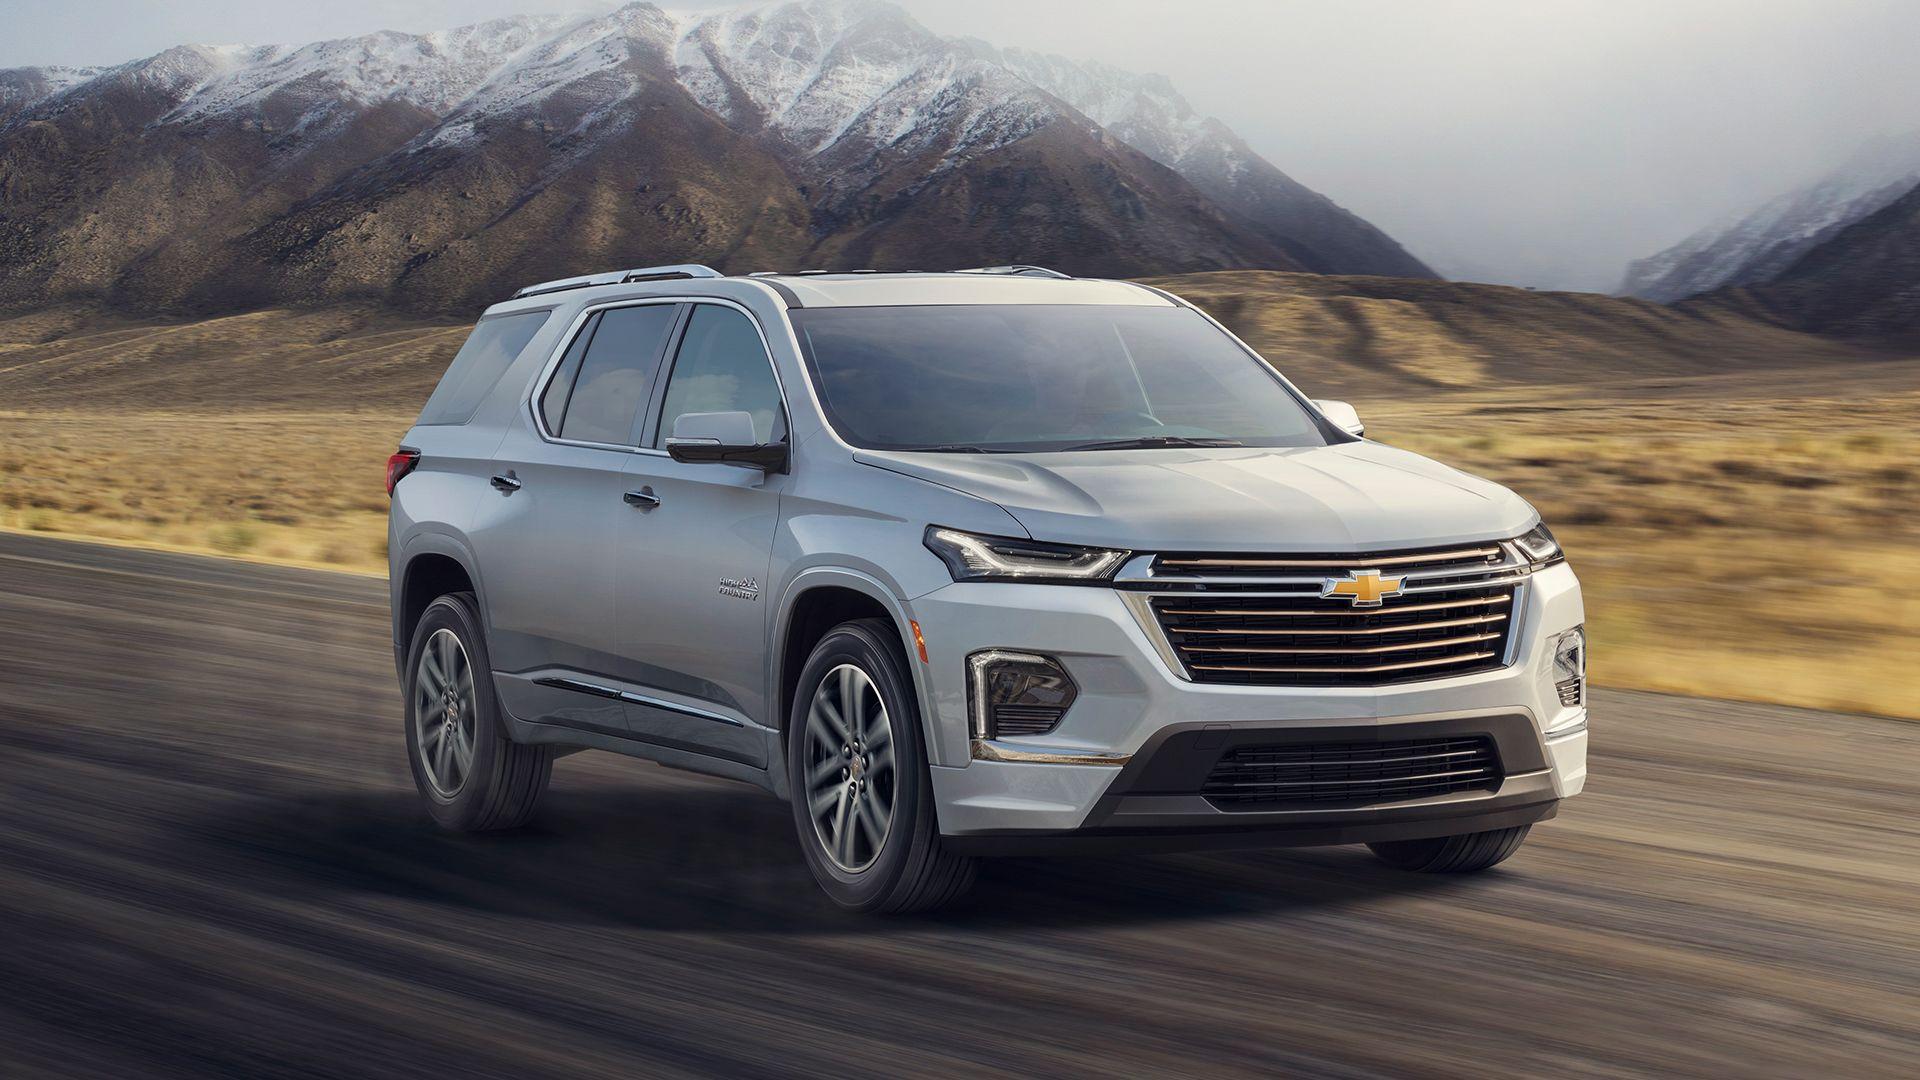 Chevrolet thúc đẩy nhận thức về thương hiệu cho mới của hãng thông qua Lightbox ad